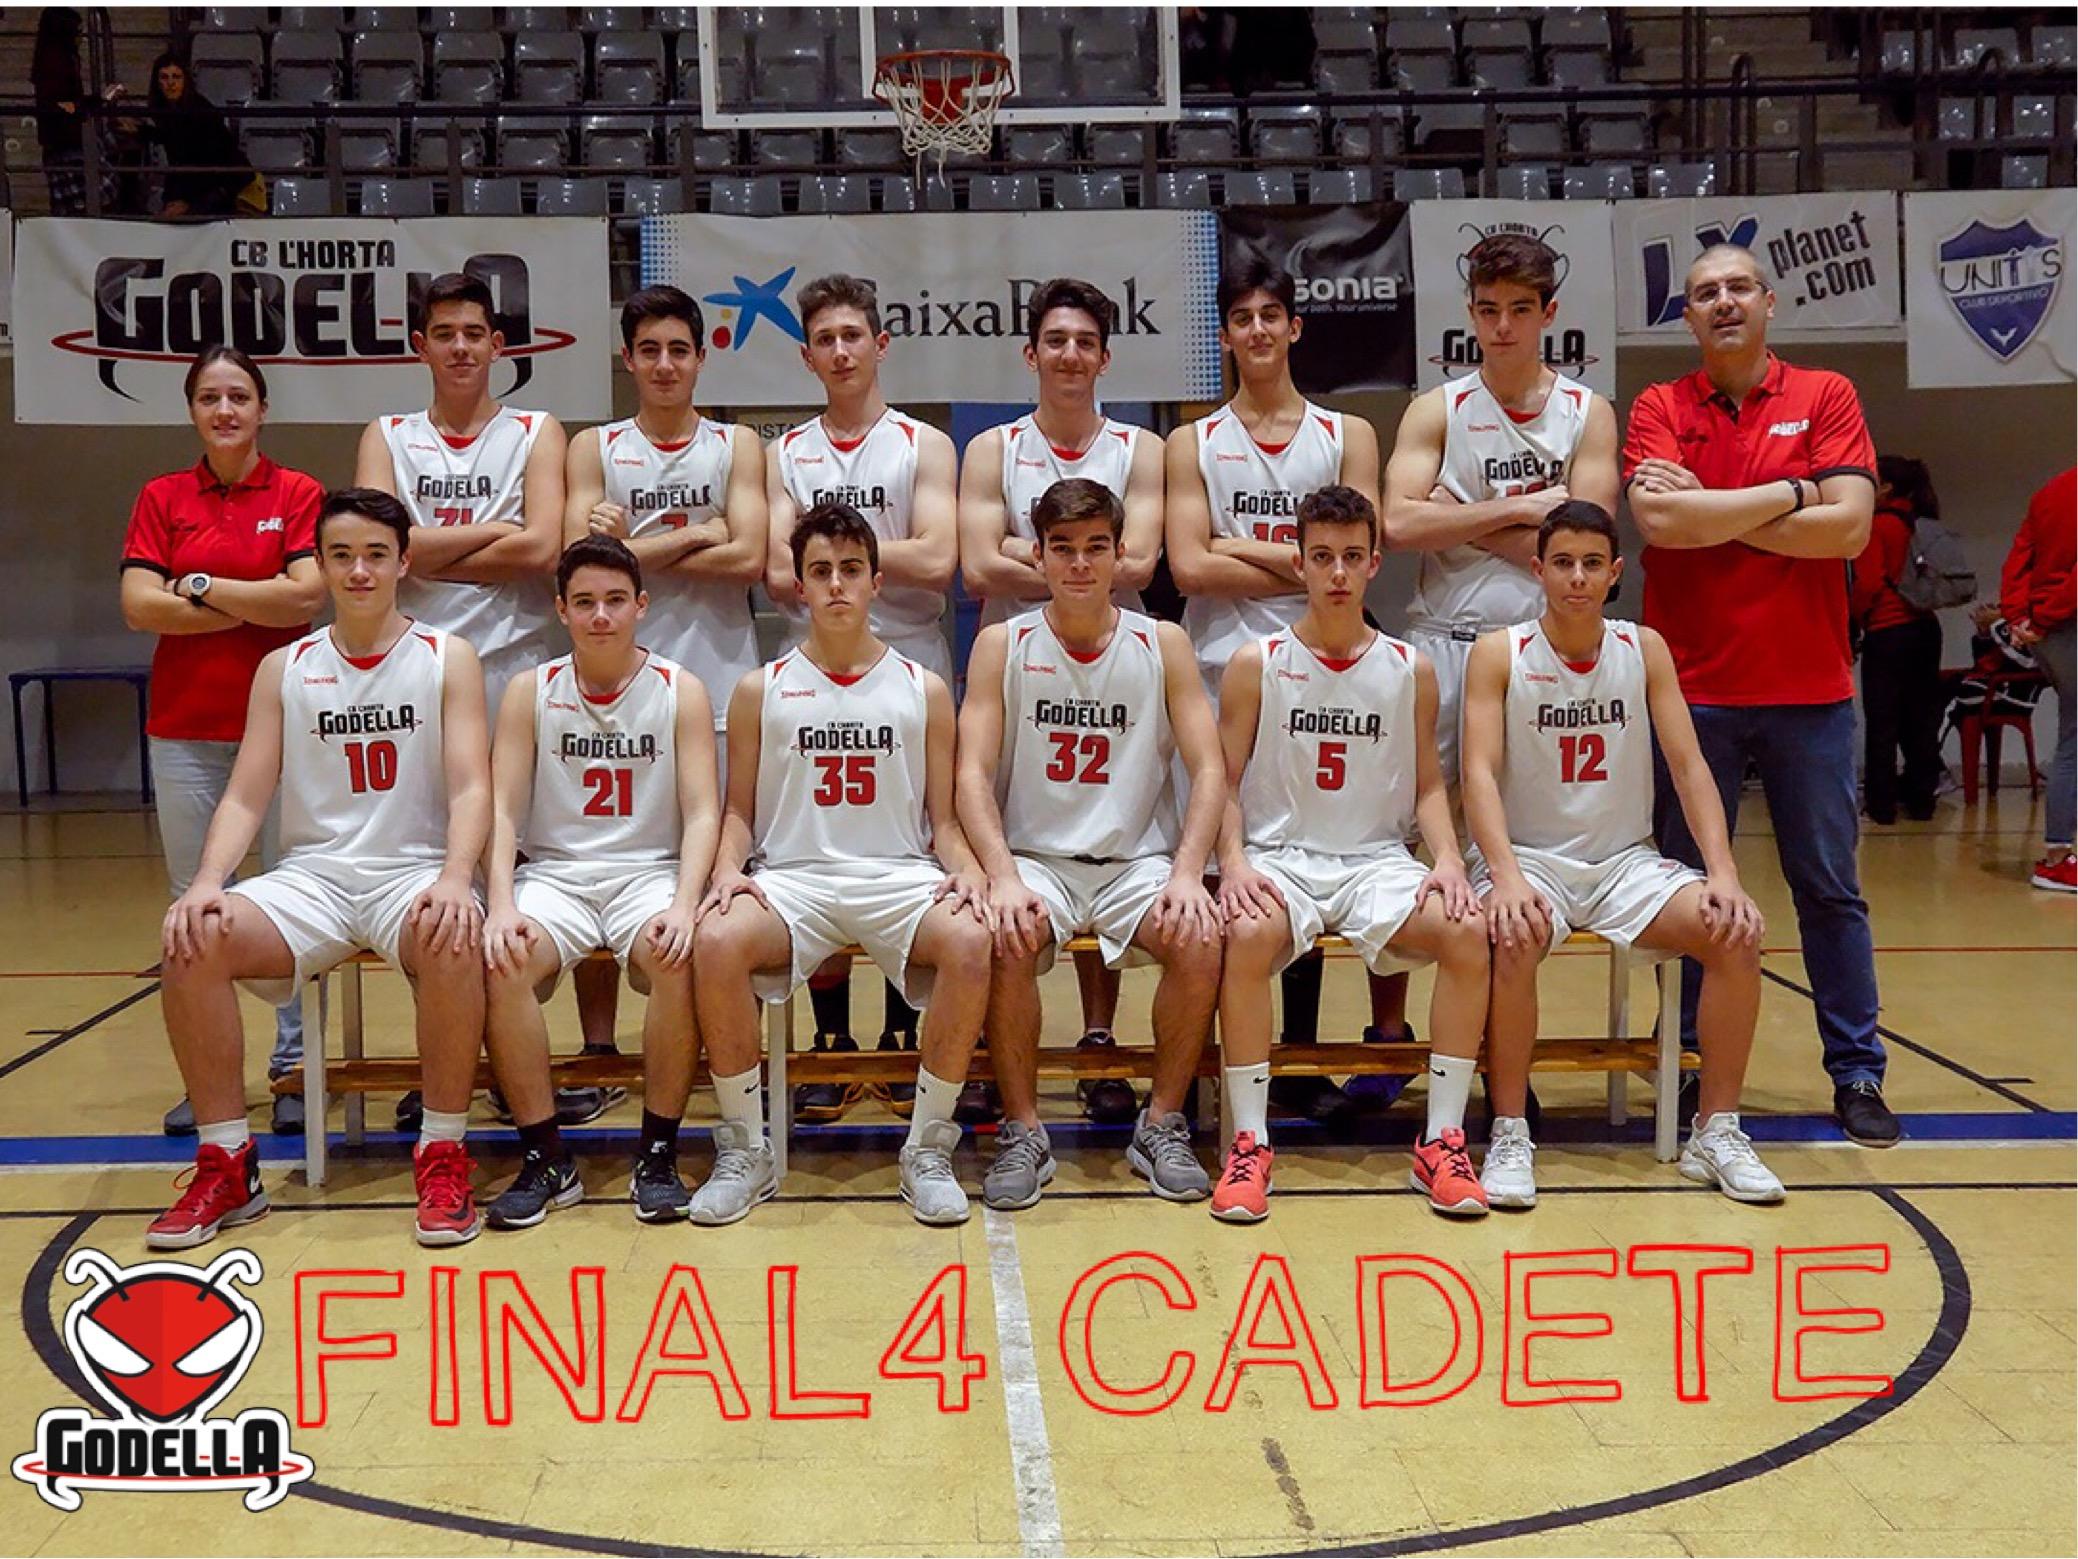 El próximo fin de semana comienza  LA FINAL FOUR CADETE  para los chicos del #CadMascA